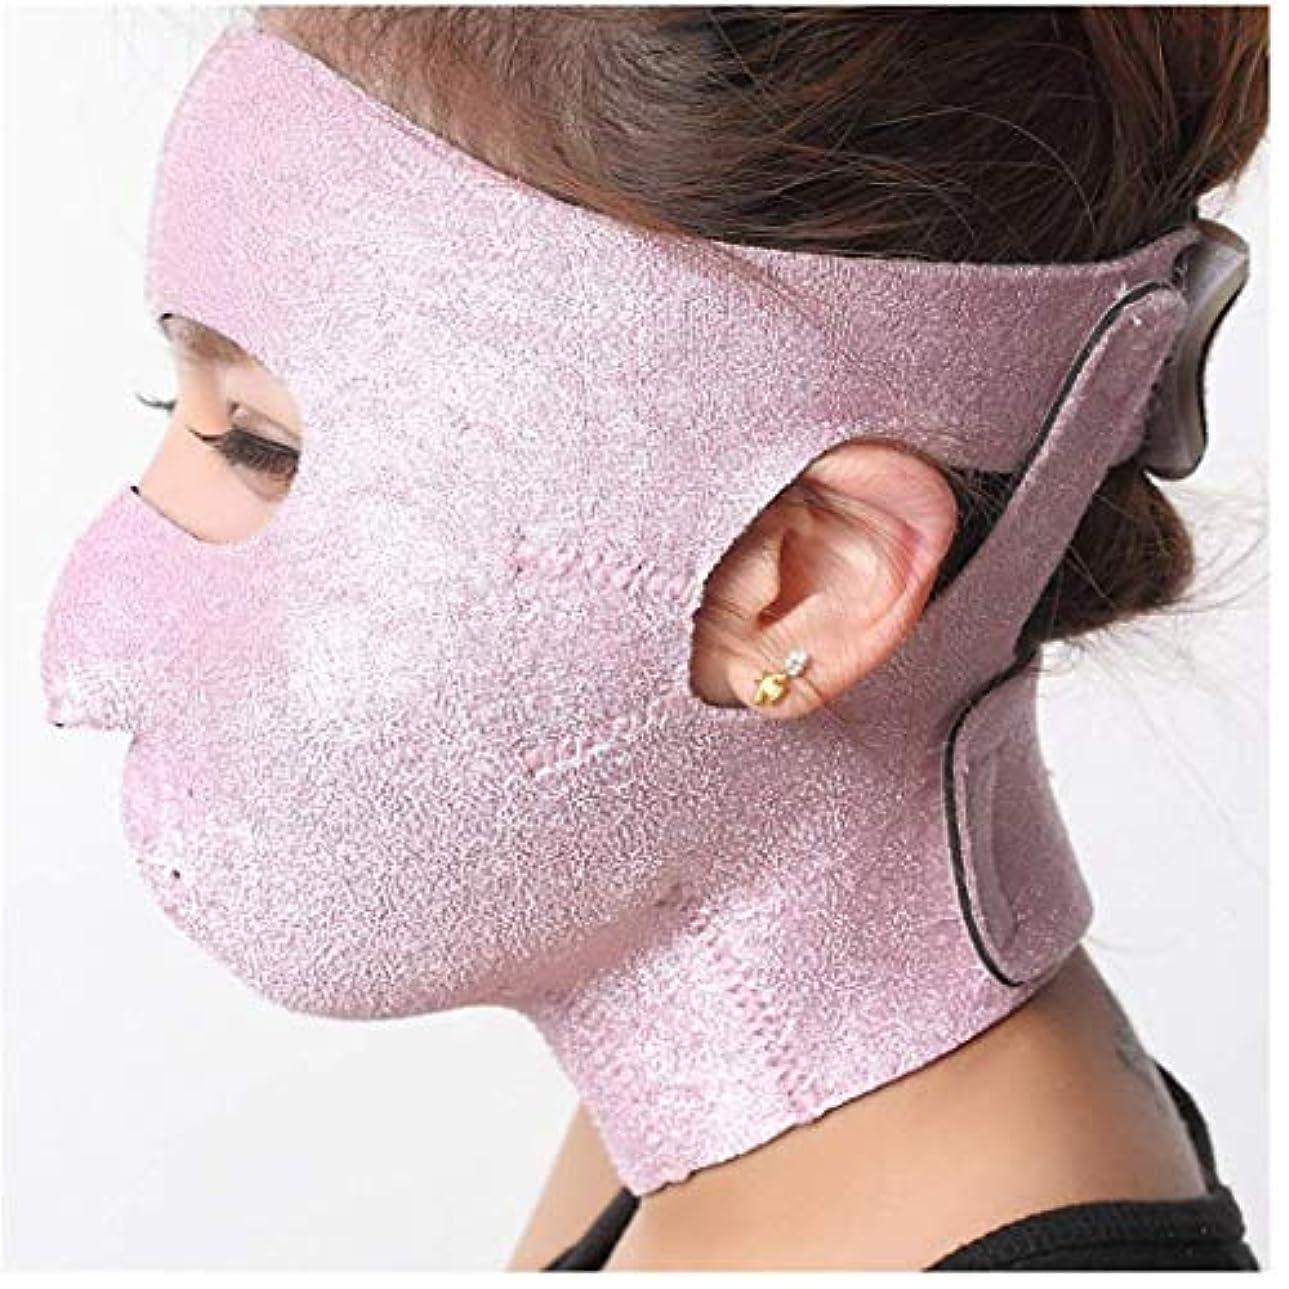 広げる収益効能美容と実用的な引き締めフェイスマスク、小さなV顔アーティファクト睡眠薄い顔包帯マスクリフティングマスク引き締めクリーム顔リフトフェイスメロン顔楽器